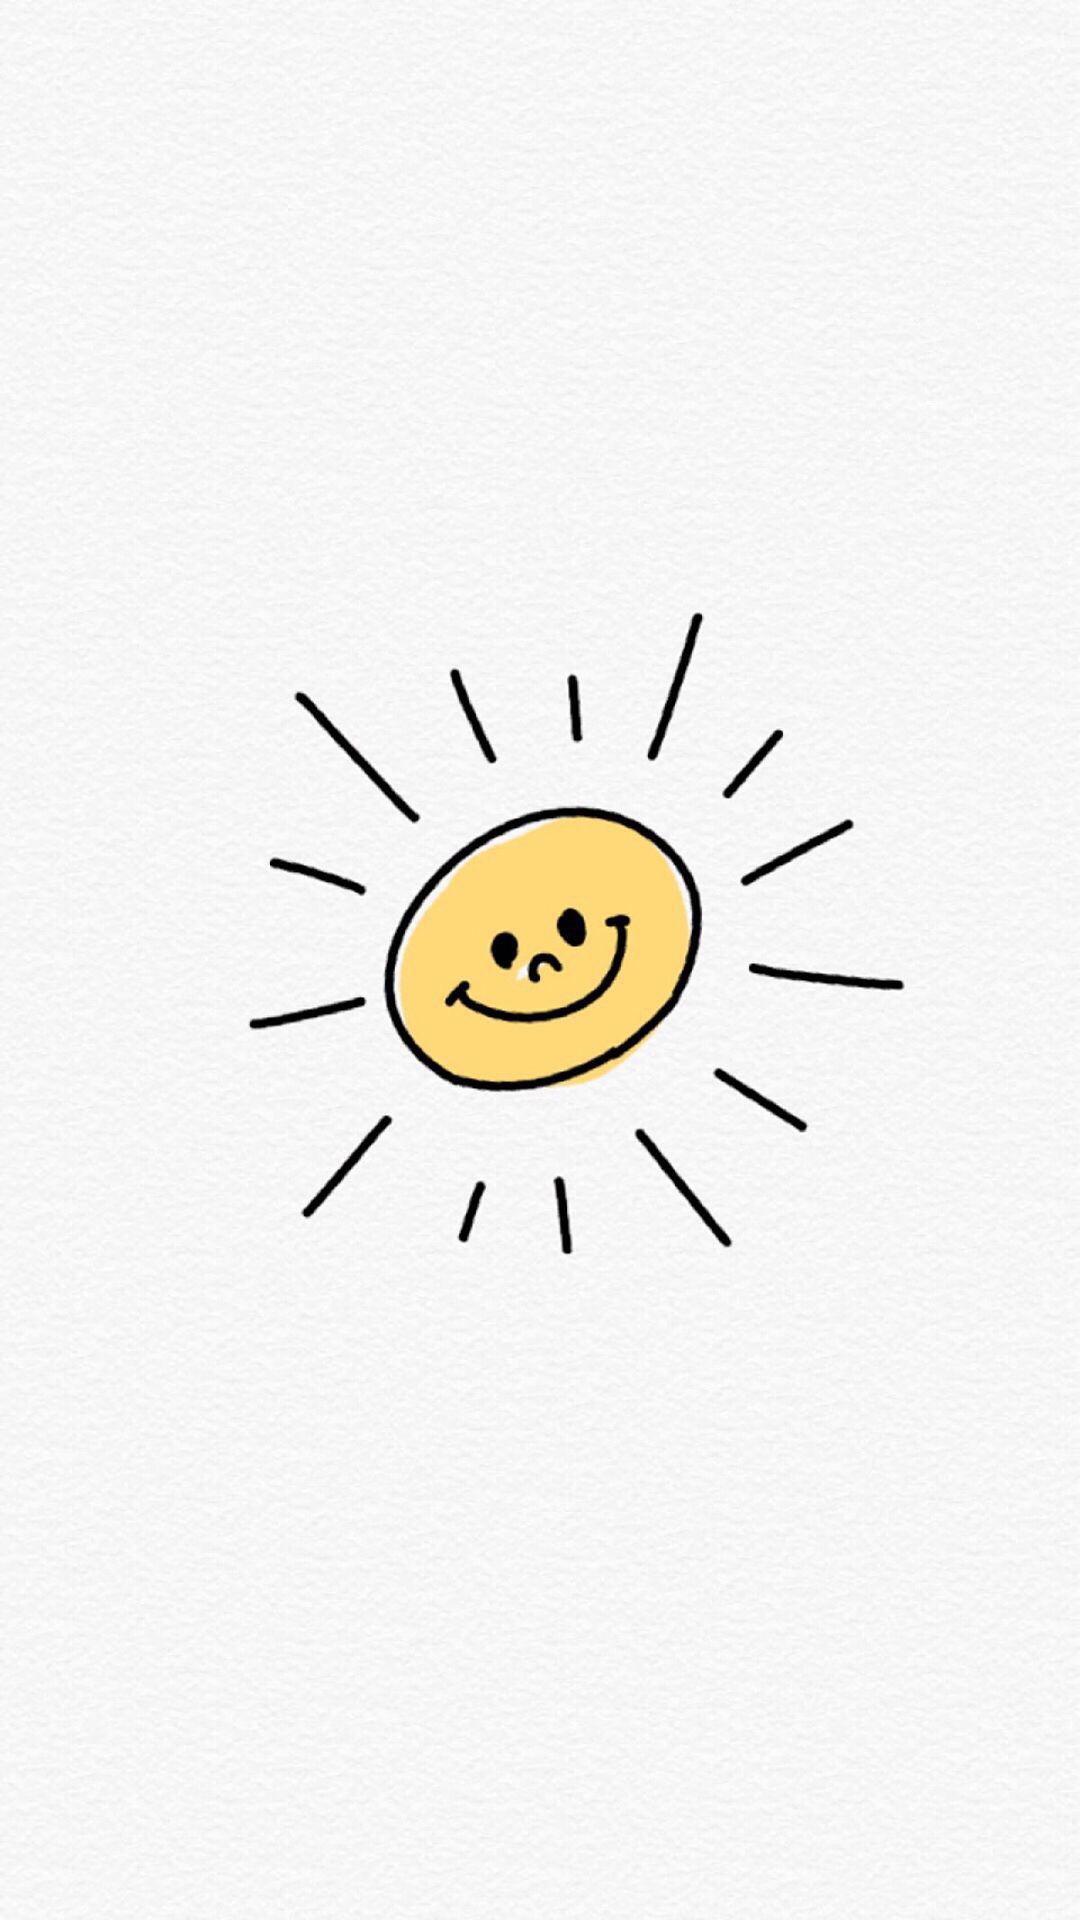 太阳 手绘 简笔画 笑脸 白色